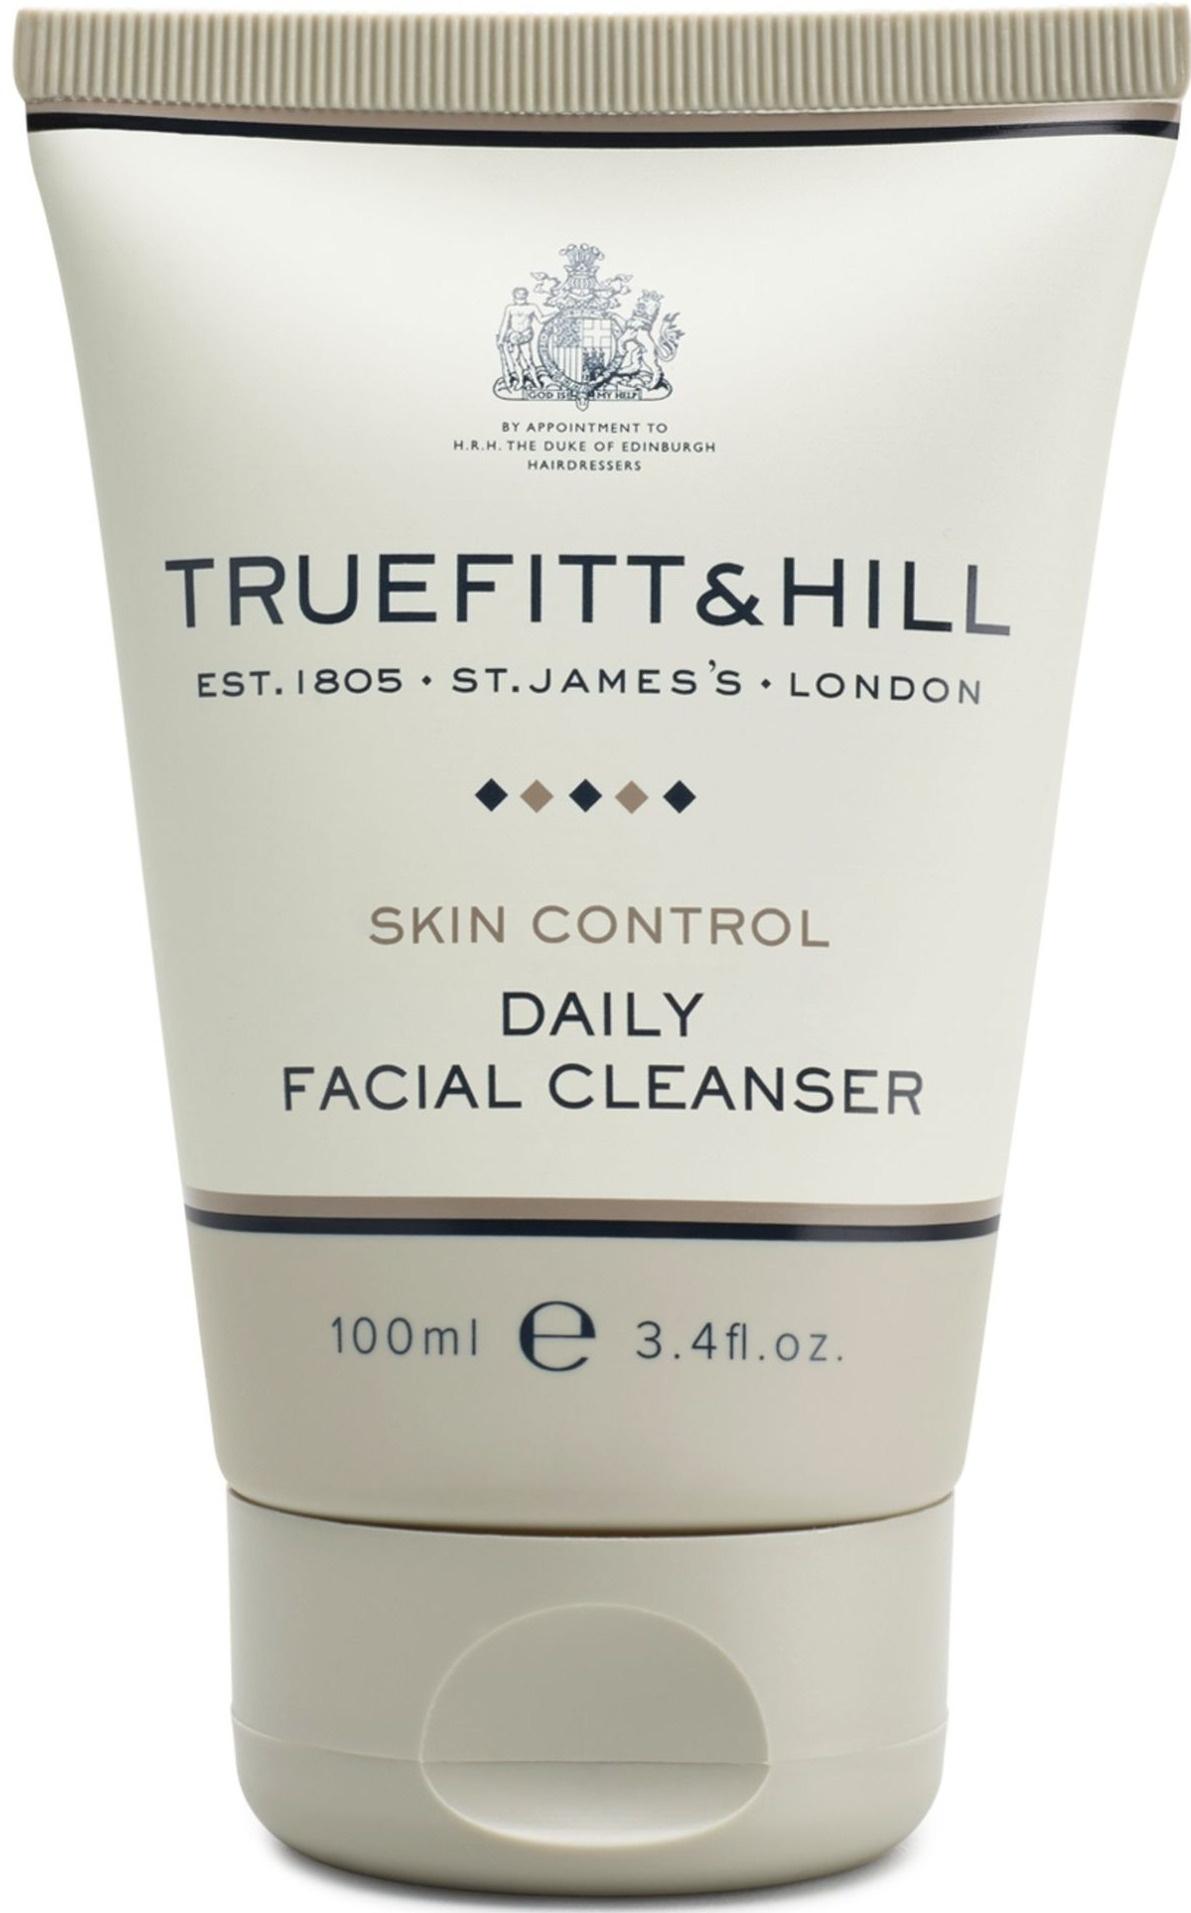 Truefitt & Hill Daily Facial Cleanser